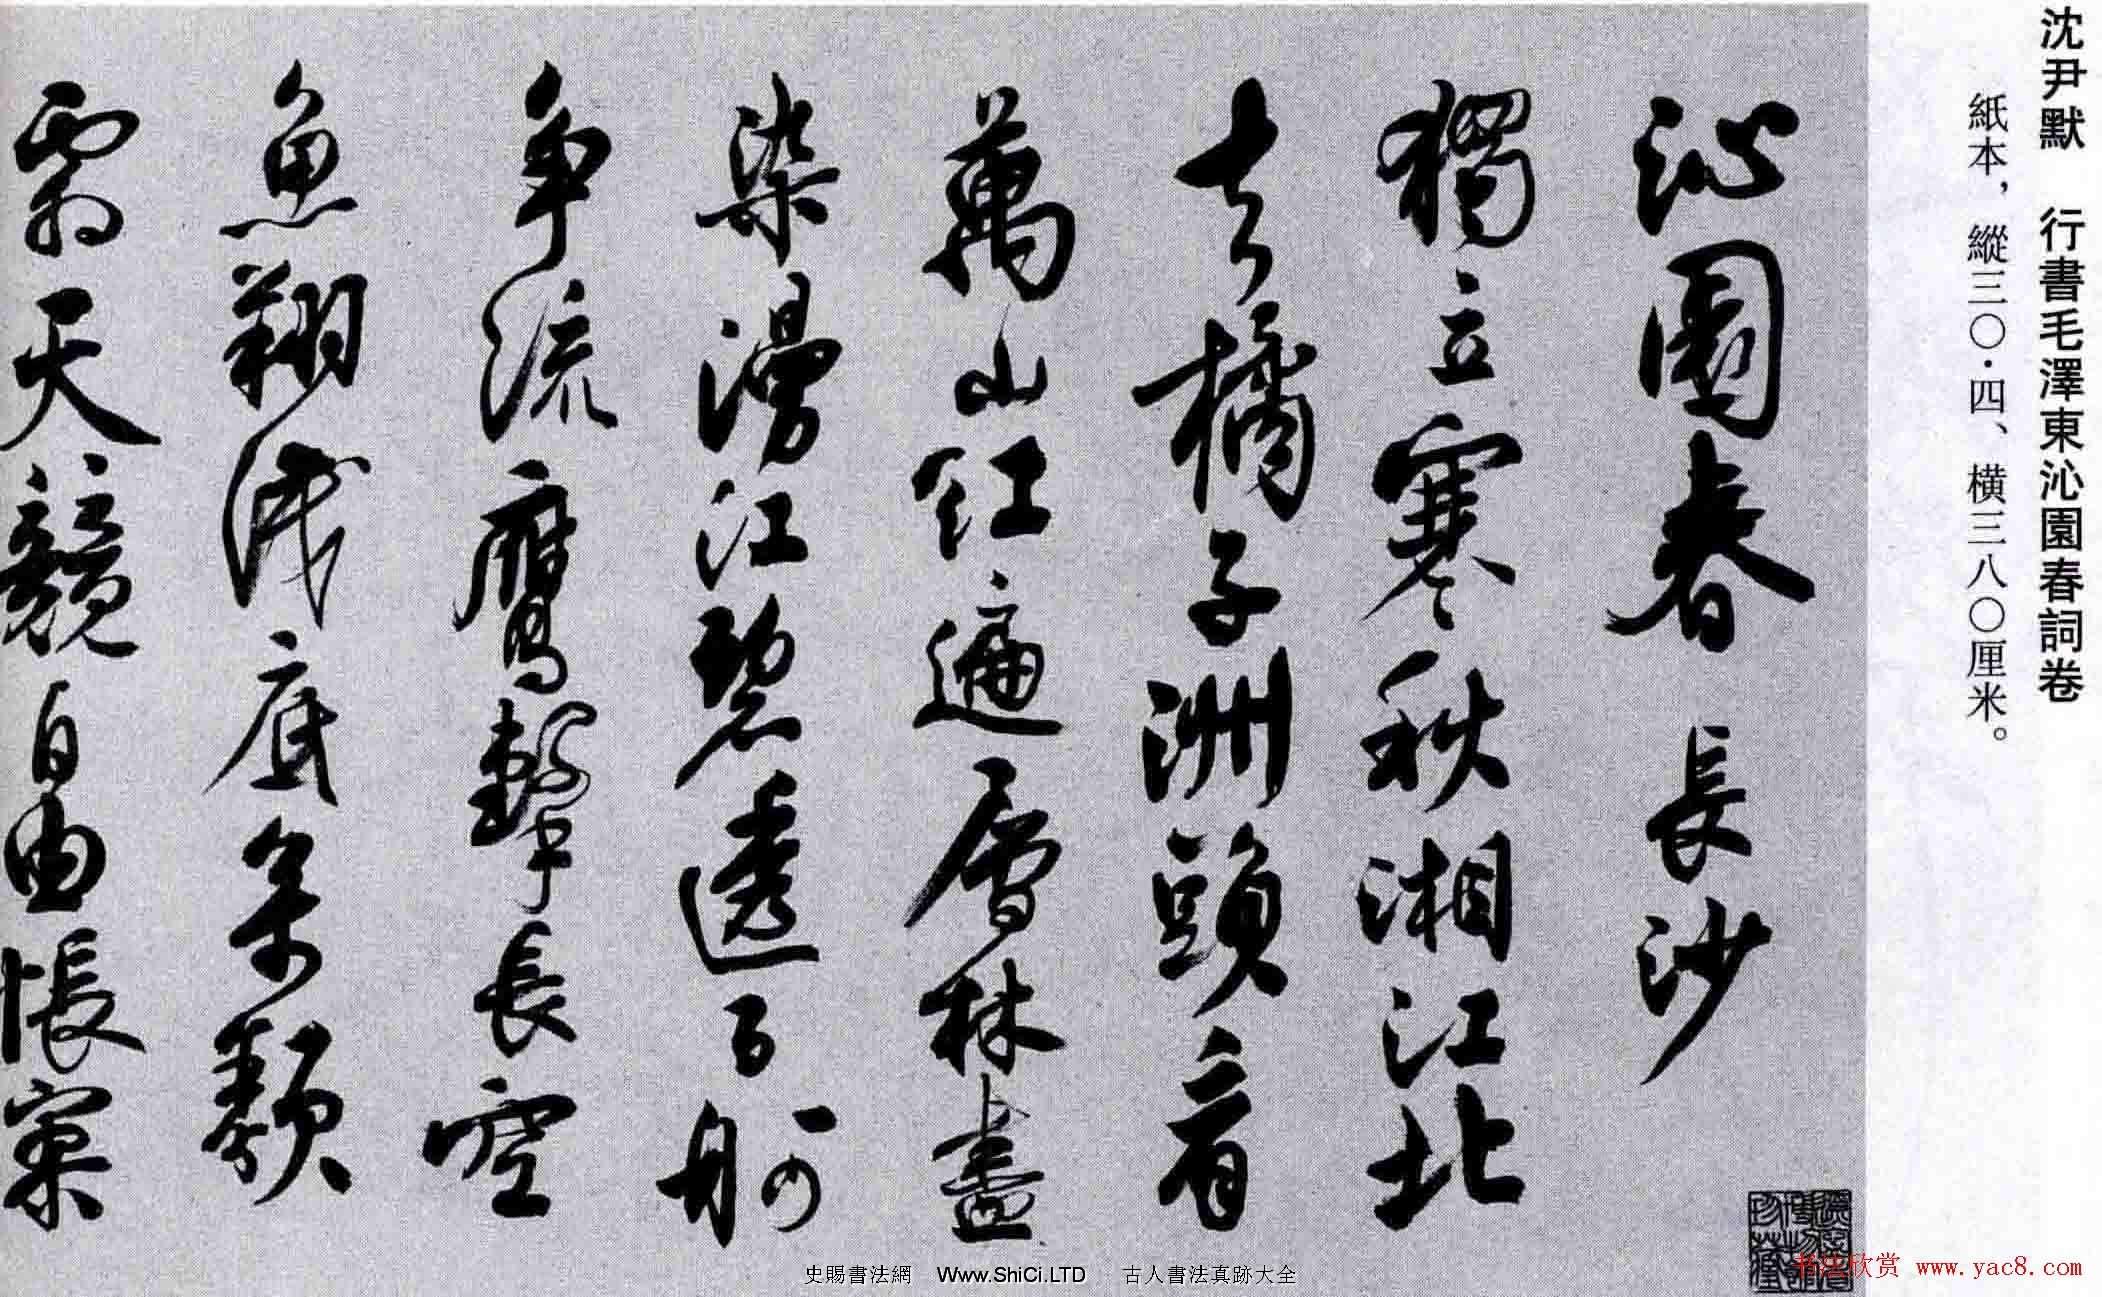 沈尹默行書作品真跡欣賞《毛澤東沁園春詞卷》(共8張圖片)